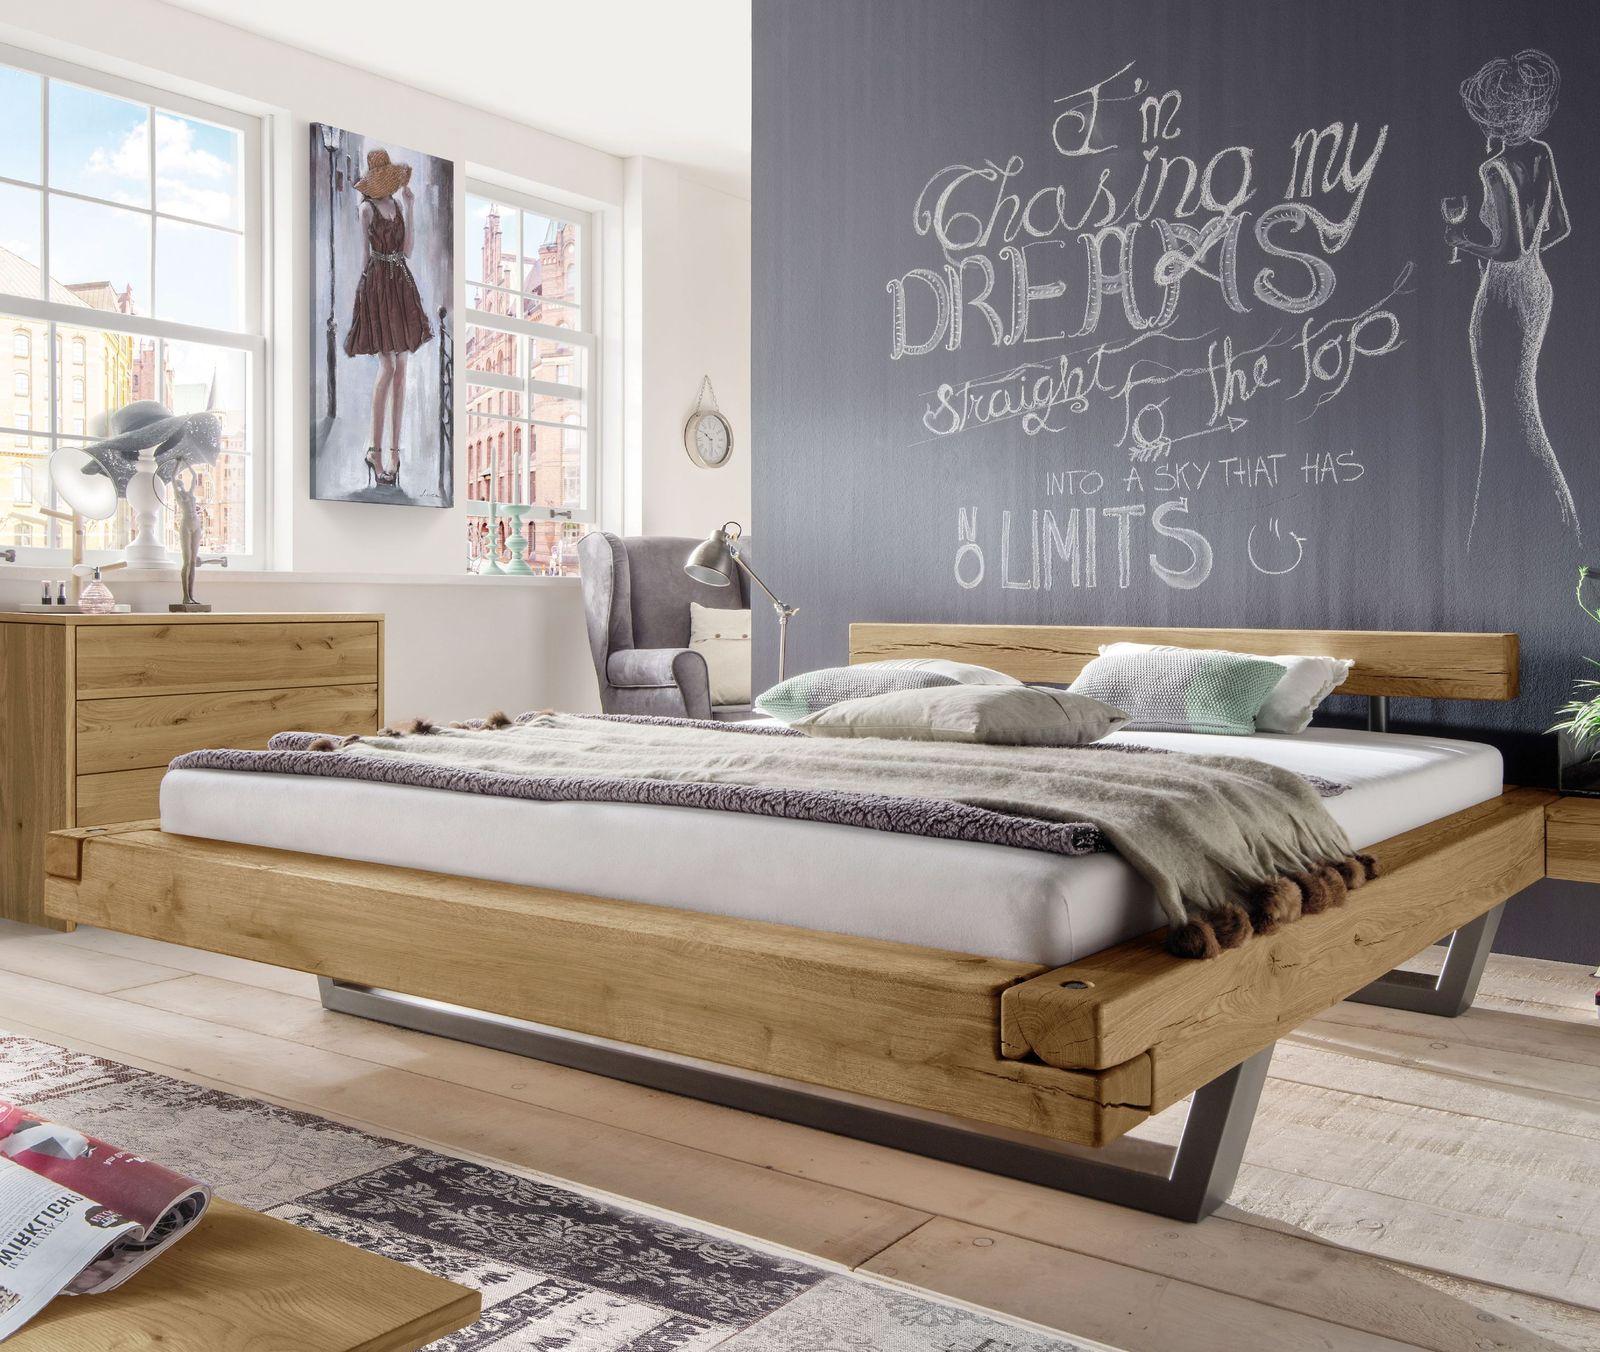 Full Size of Bett Modern 120x200 Sleep Better Italienisches Design Puristisch Holz Kaufen Betten Leader Beyond Pillow Eiche 180x200 140x200 Schwebebett Mit Massiven Wohnzimmer Bett Modern